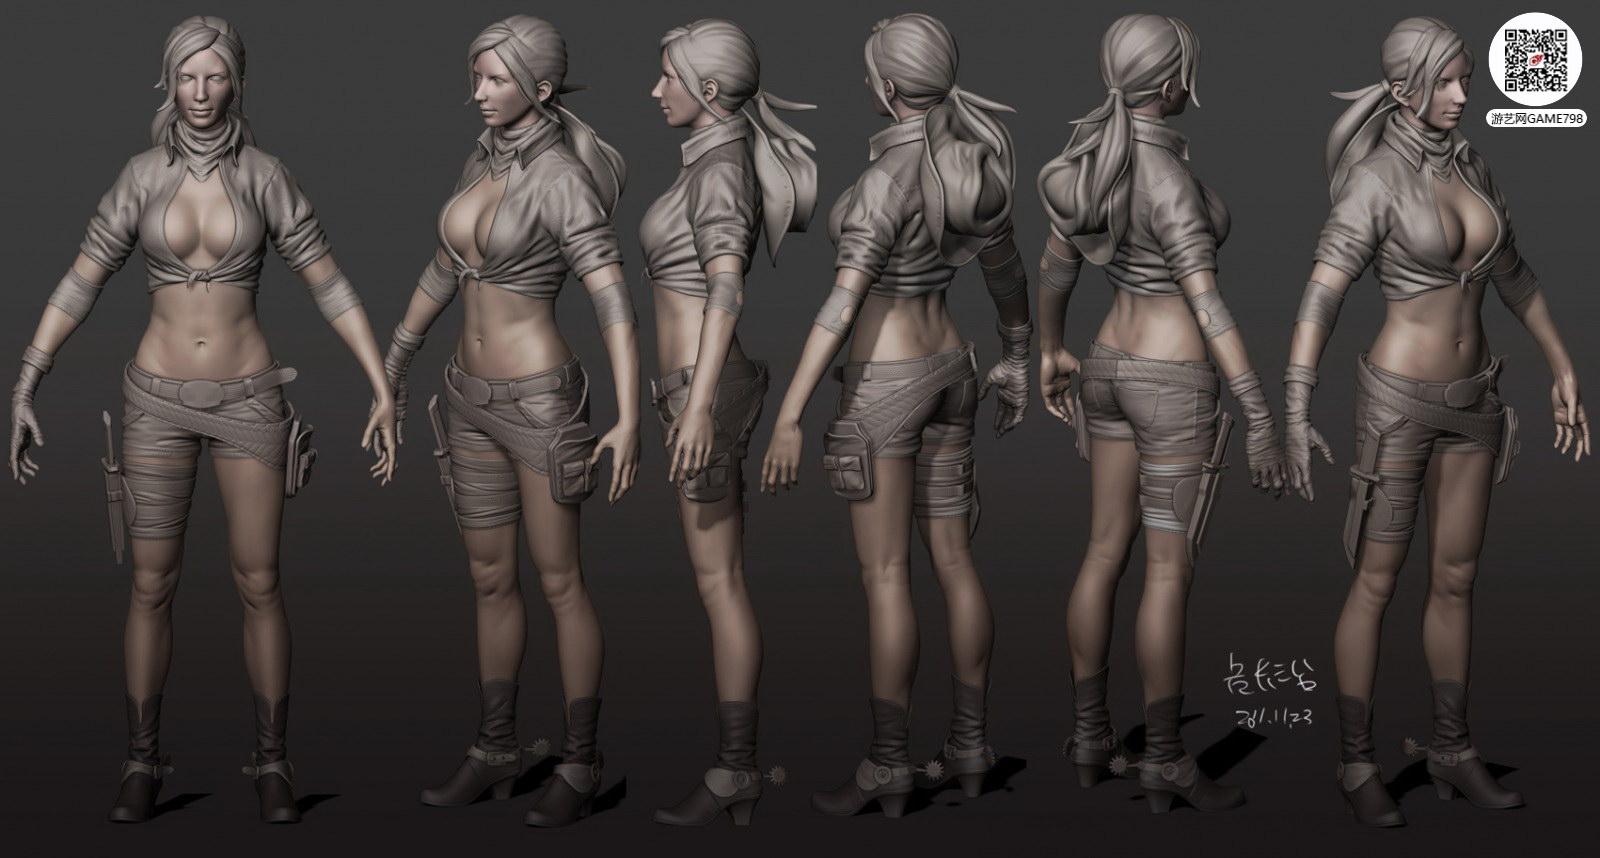 次世代游戏3D女性人体